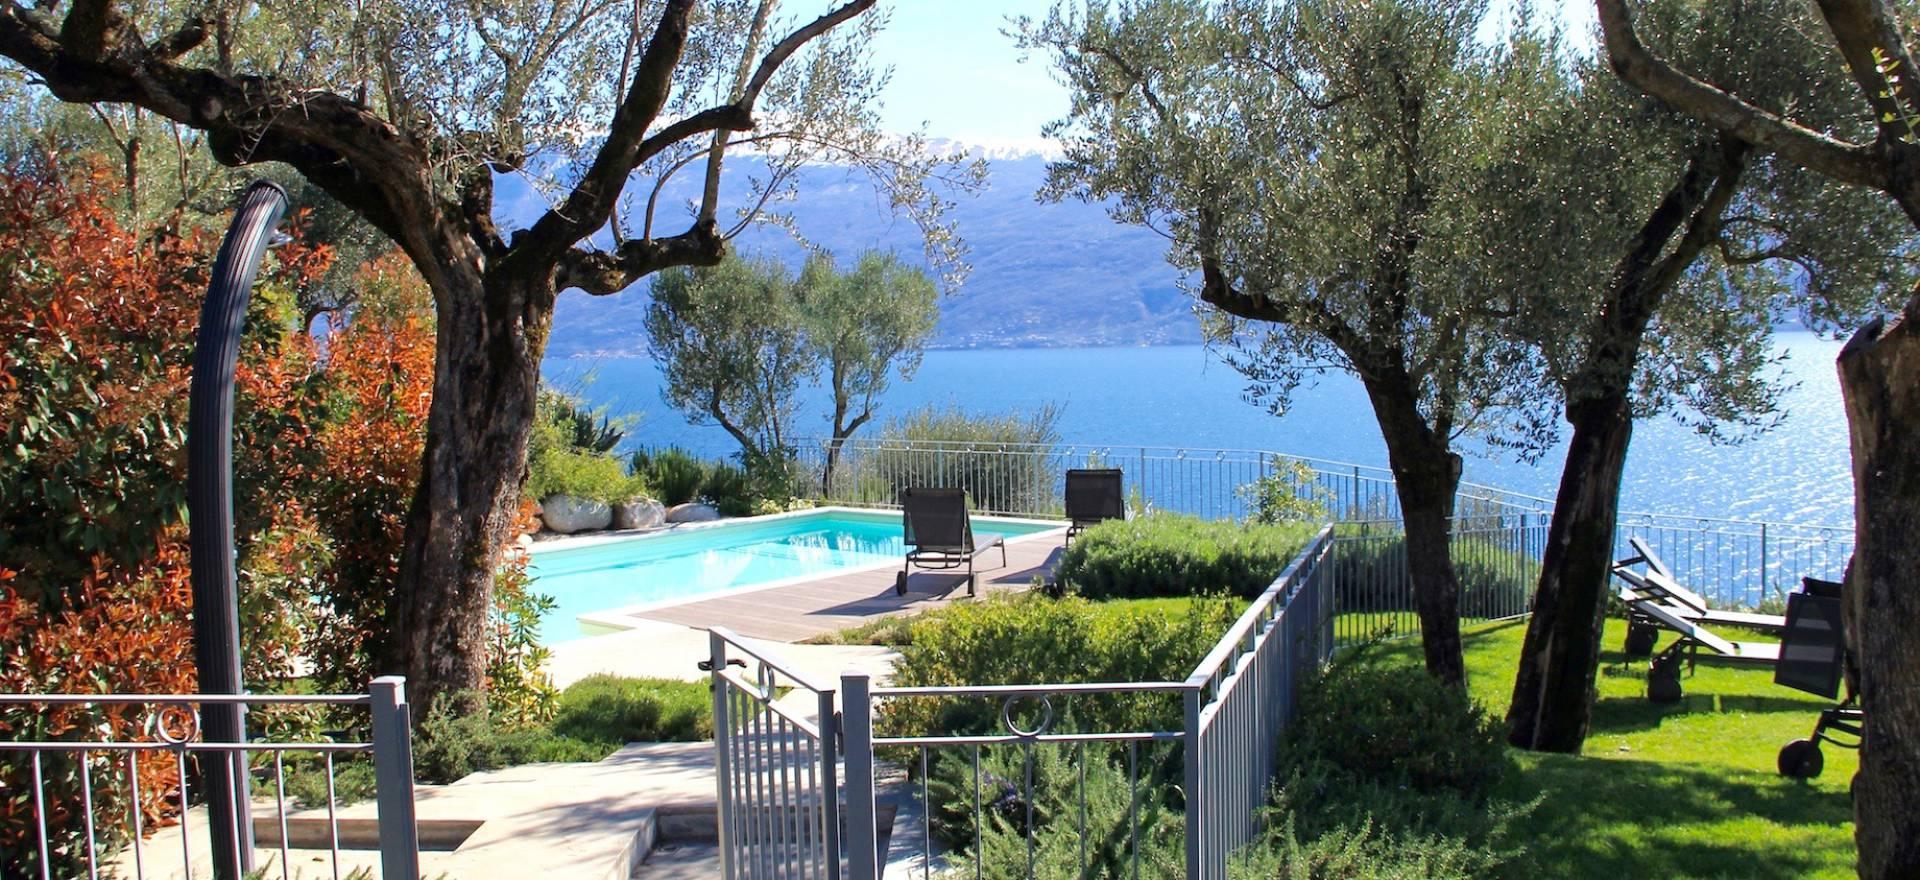 Agriturismo Comer See und Gardasee Agriturismo Gardasee, am Golfplatz und schöner Blick